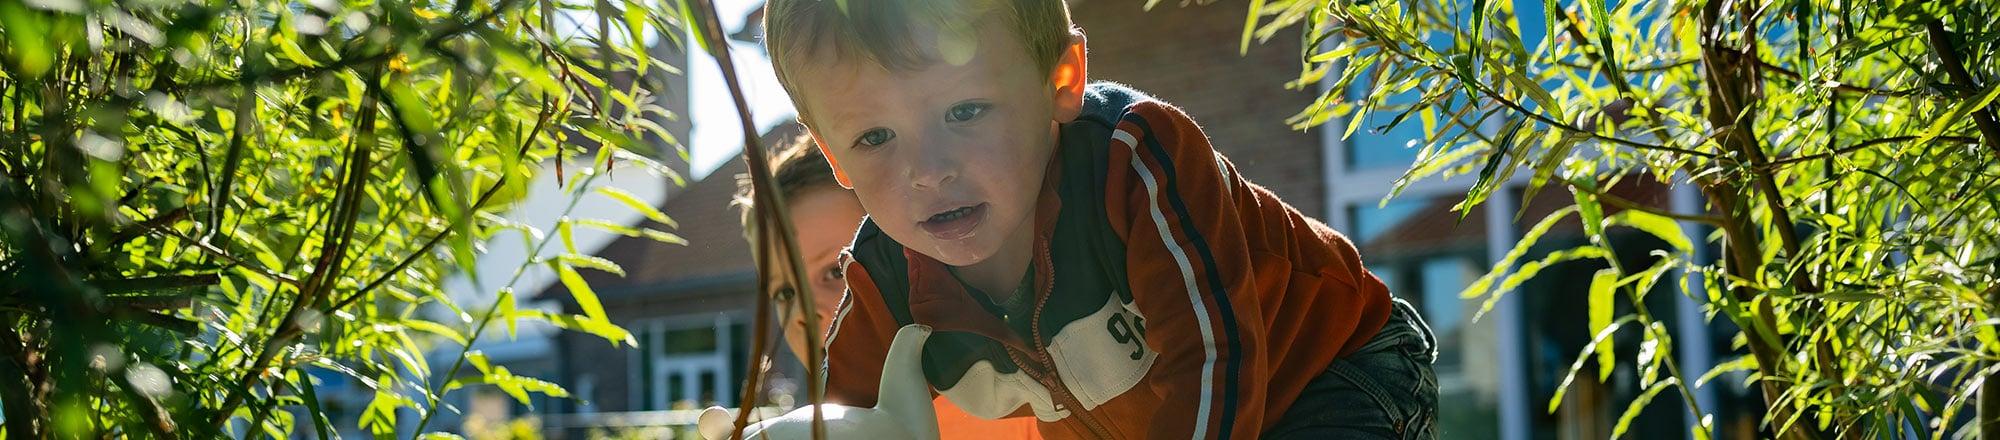 Kinderdagverblijf (0-4 jaar)